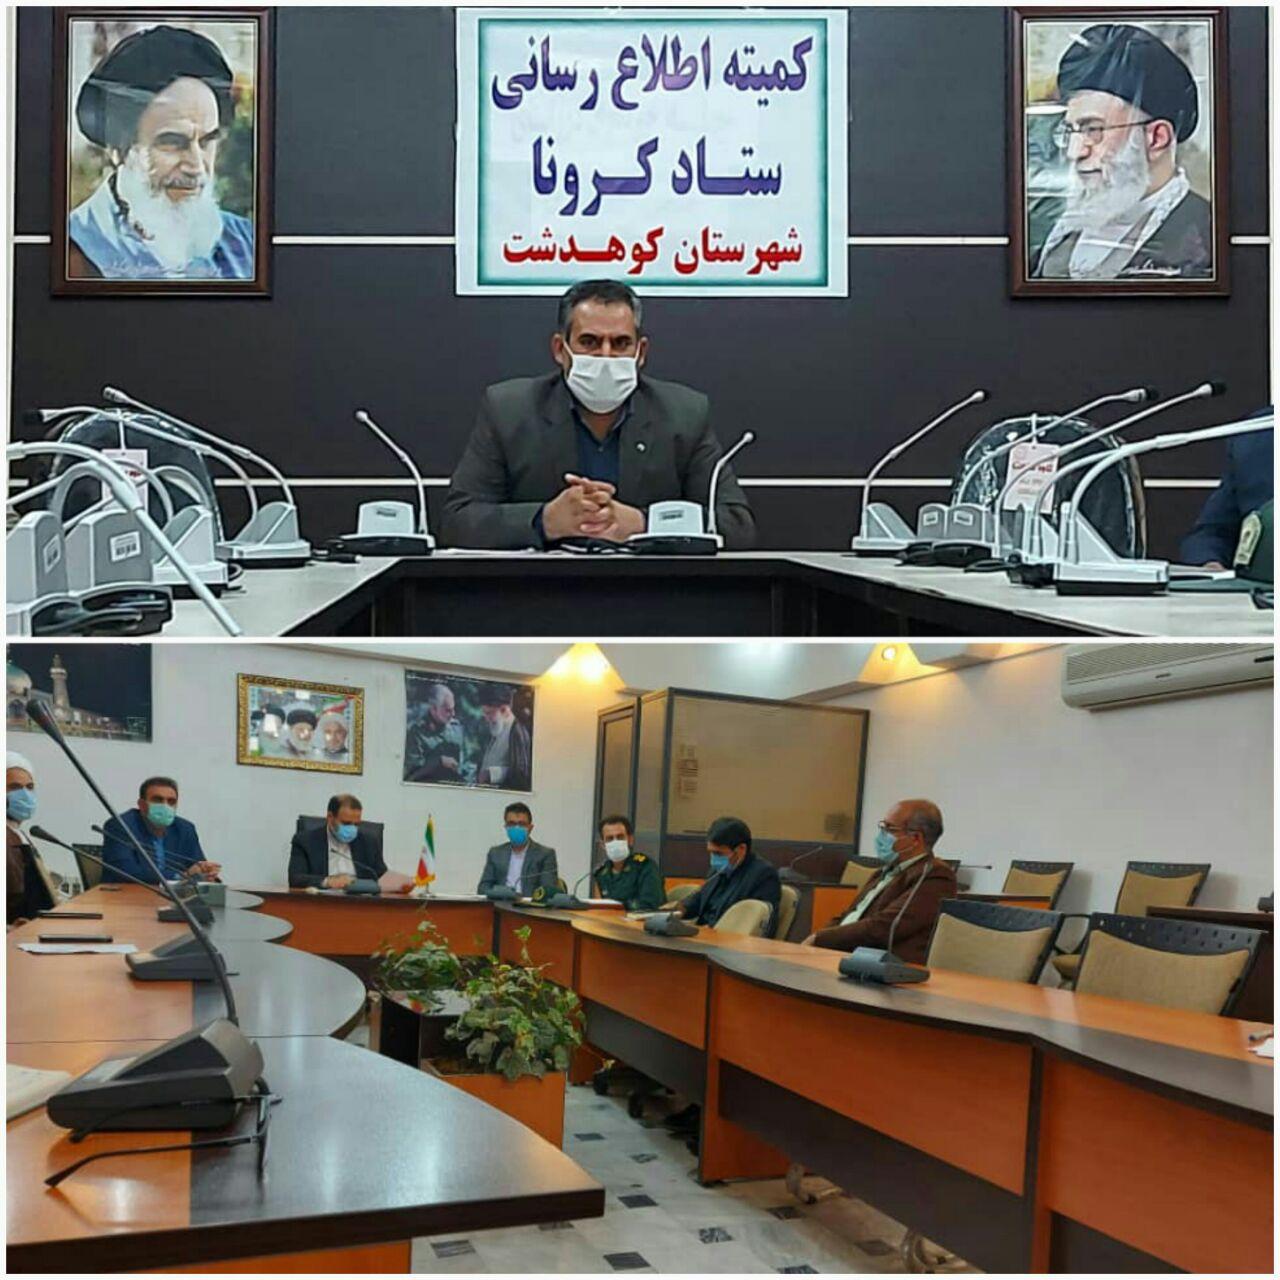 مصوبات جلسه ستاد کرونا مورخ ۷ اردیبهشت ۱۴۰۰ شهرستان کوهدشت: